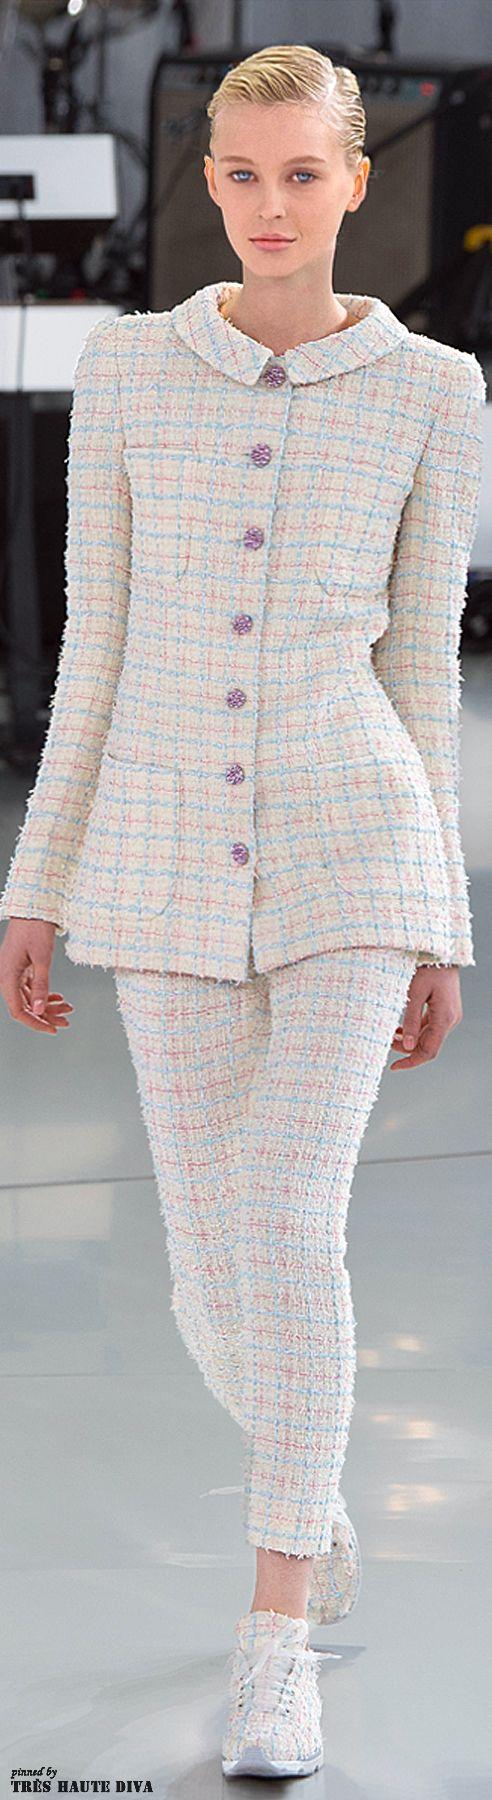 Pastelliger Tweed von Kopf bis Fuß - Auch die Sneaker passen bei Chanel perfekt zum Look #pastell #chanel #spring2014